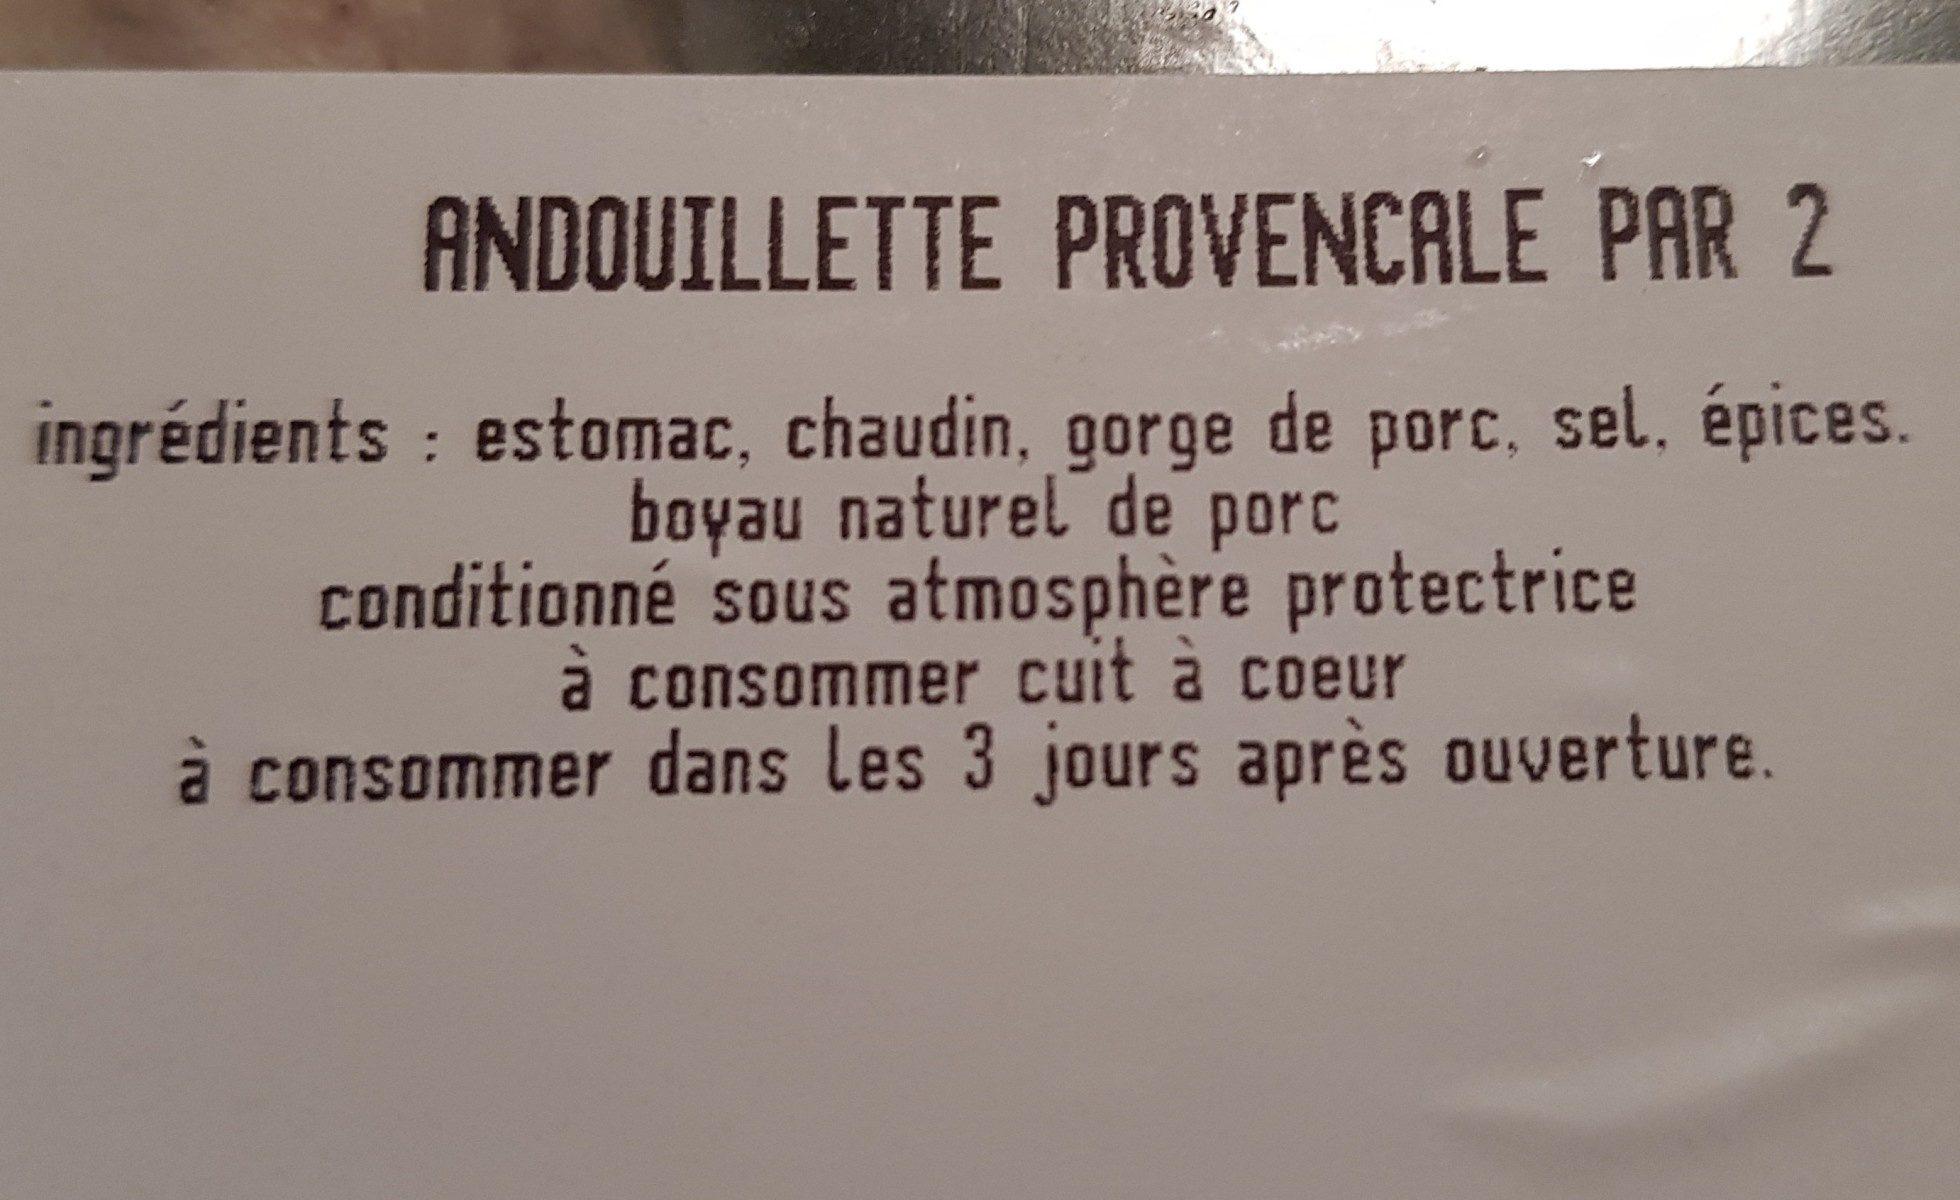 Andouillette provençal - Ingrédients